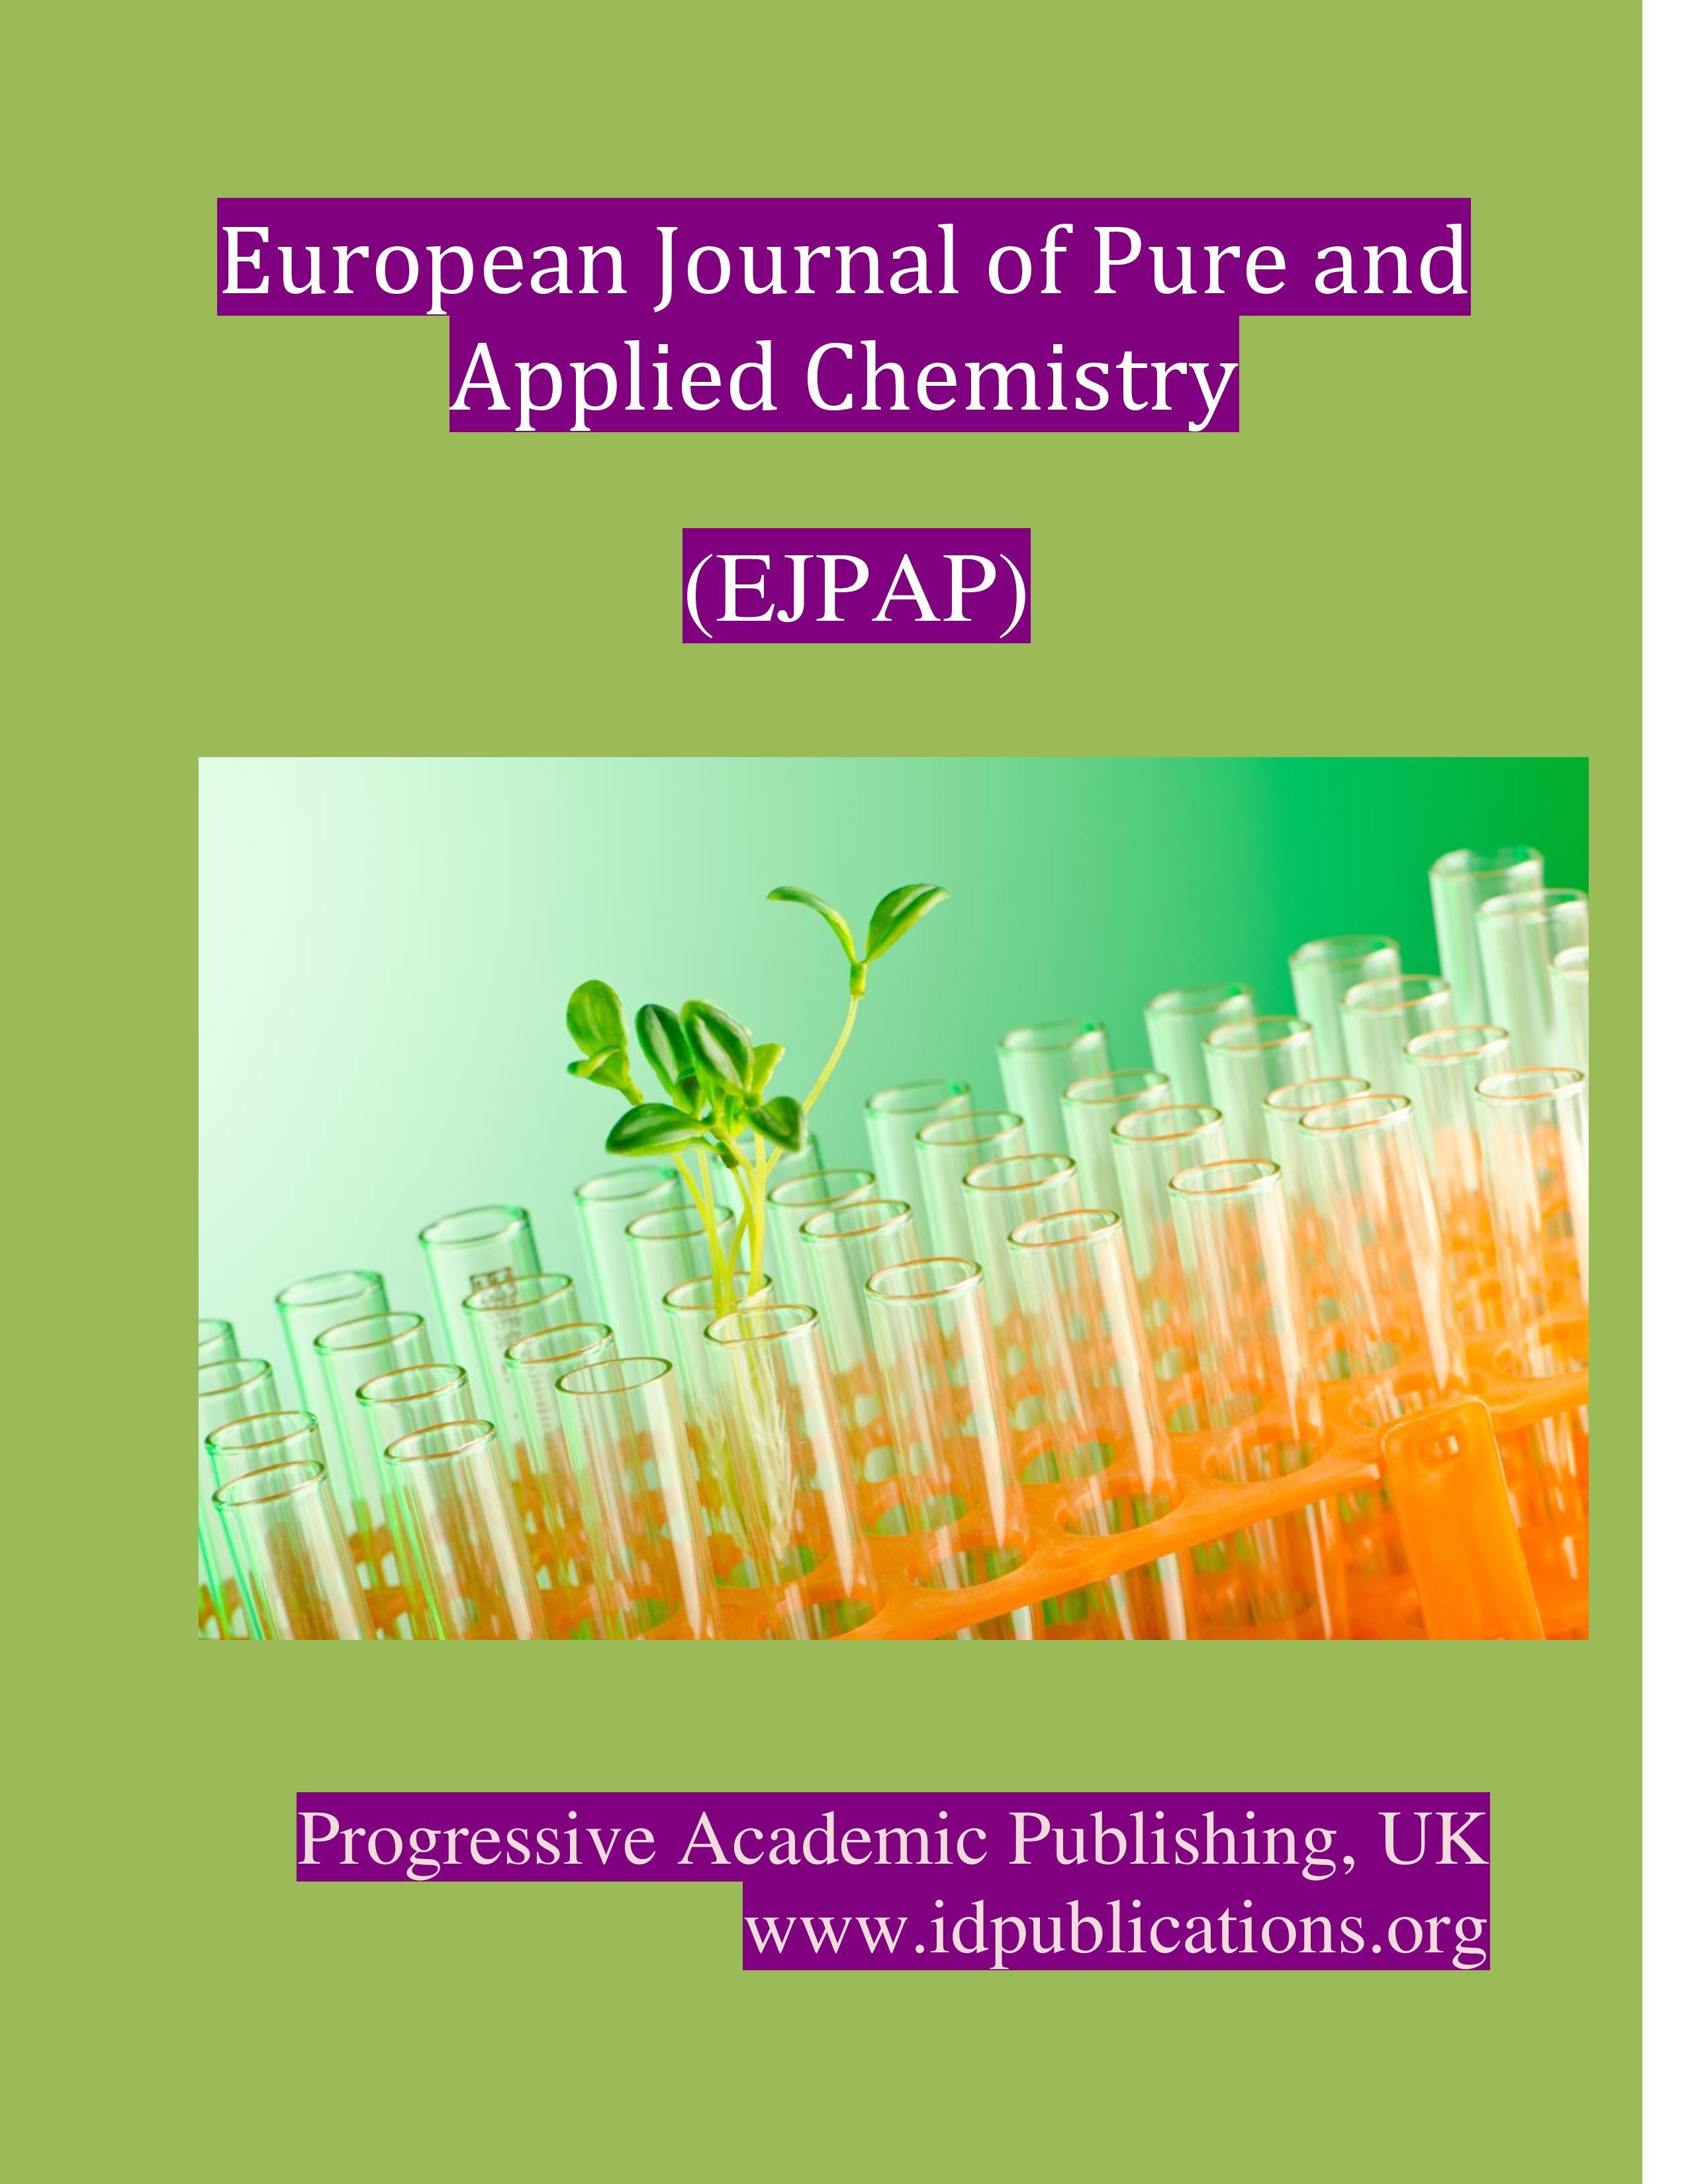 international journal of pure and applied Karanlık madde araştırmaları için kullanılan dedektör teknolojileri sayfalar 1 - 9  ali aşkın mid-temperature thermal effects on properties of mortar produced.